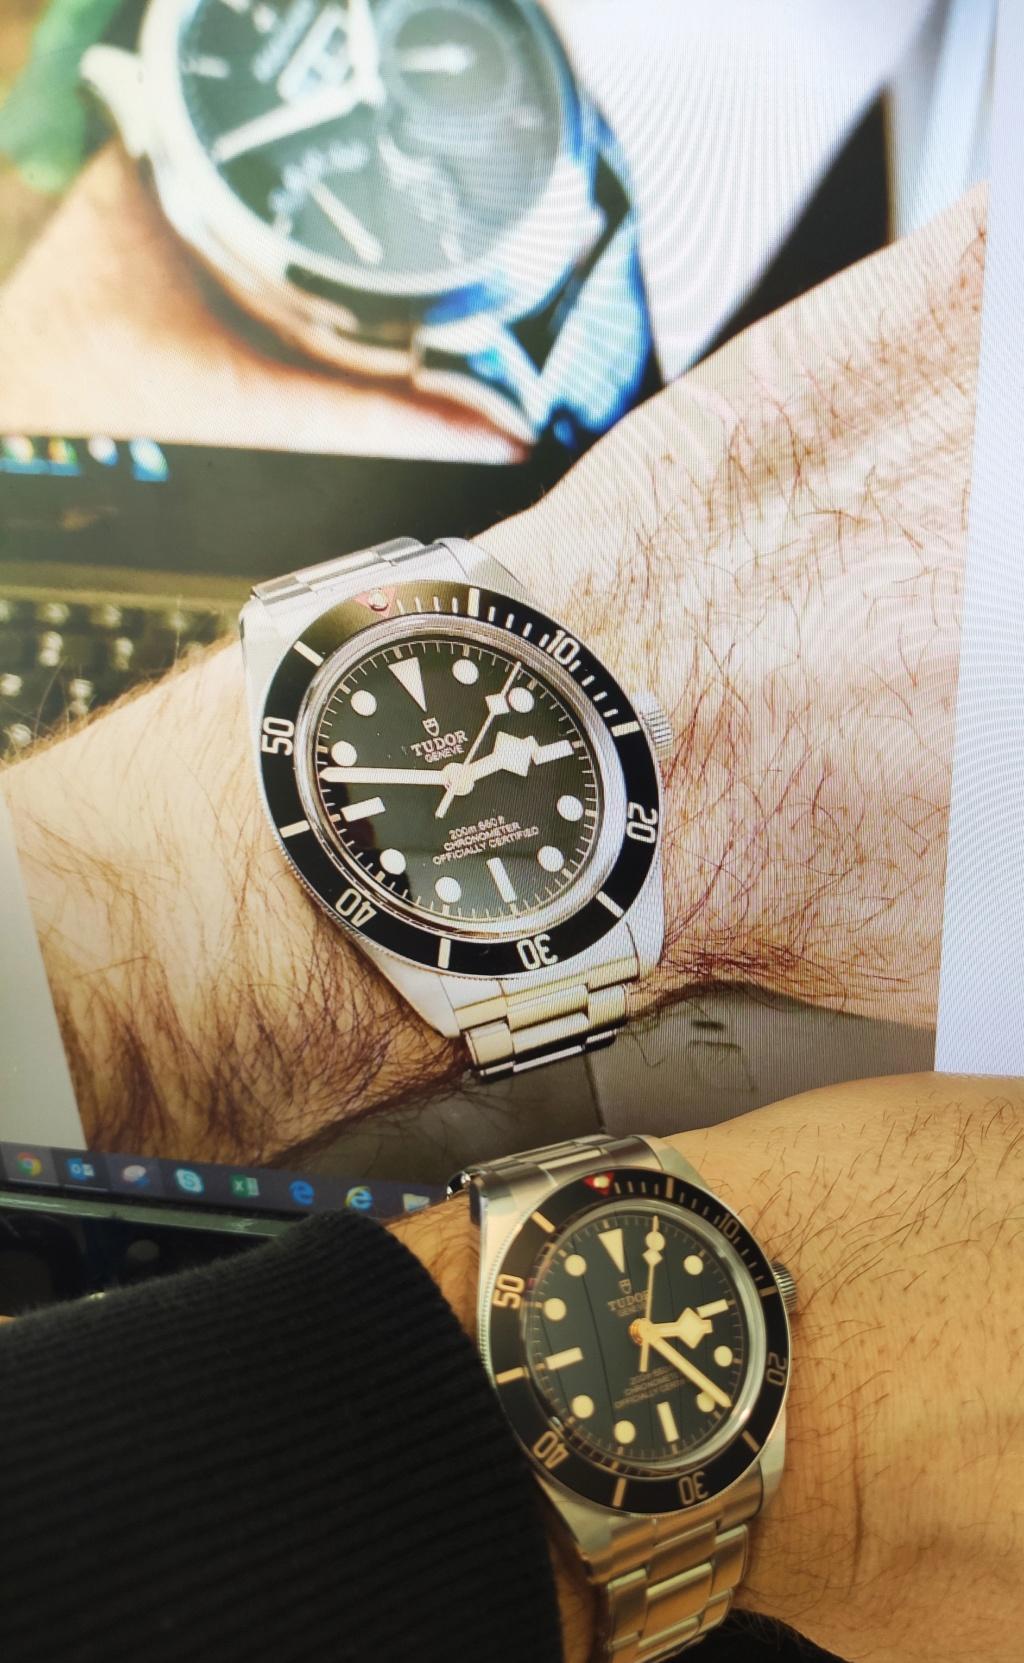 La montre du vendredi 21 février 2020 Img_2061